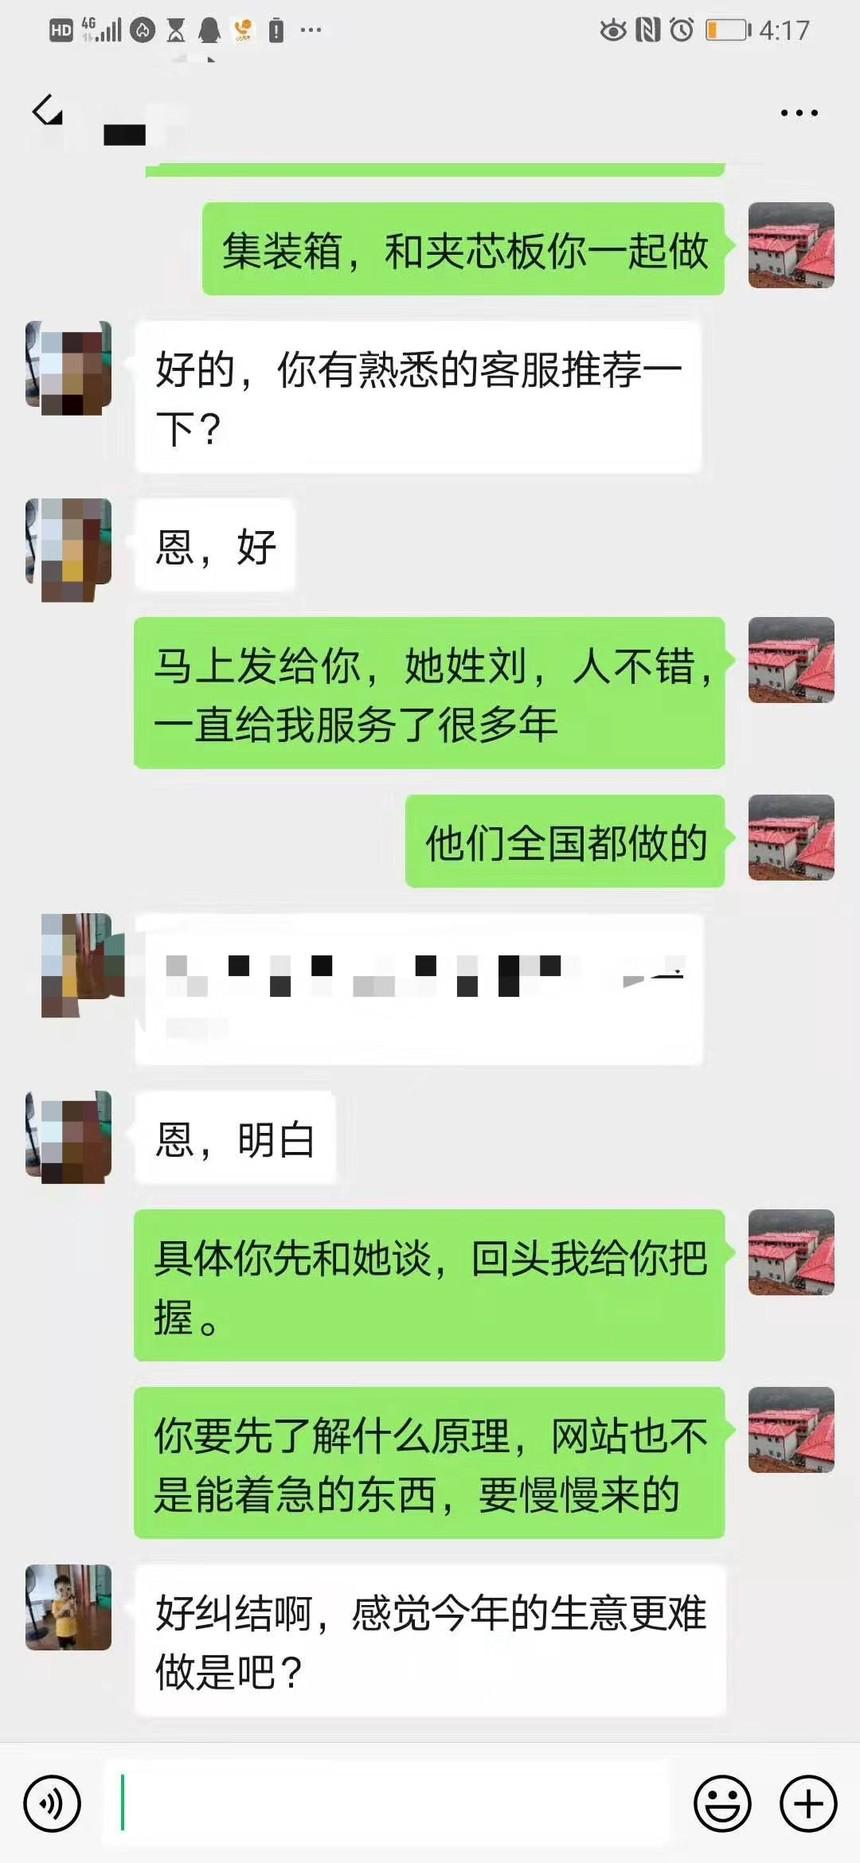 資陽網絡推廣